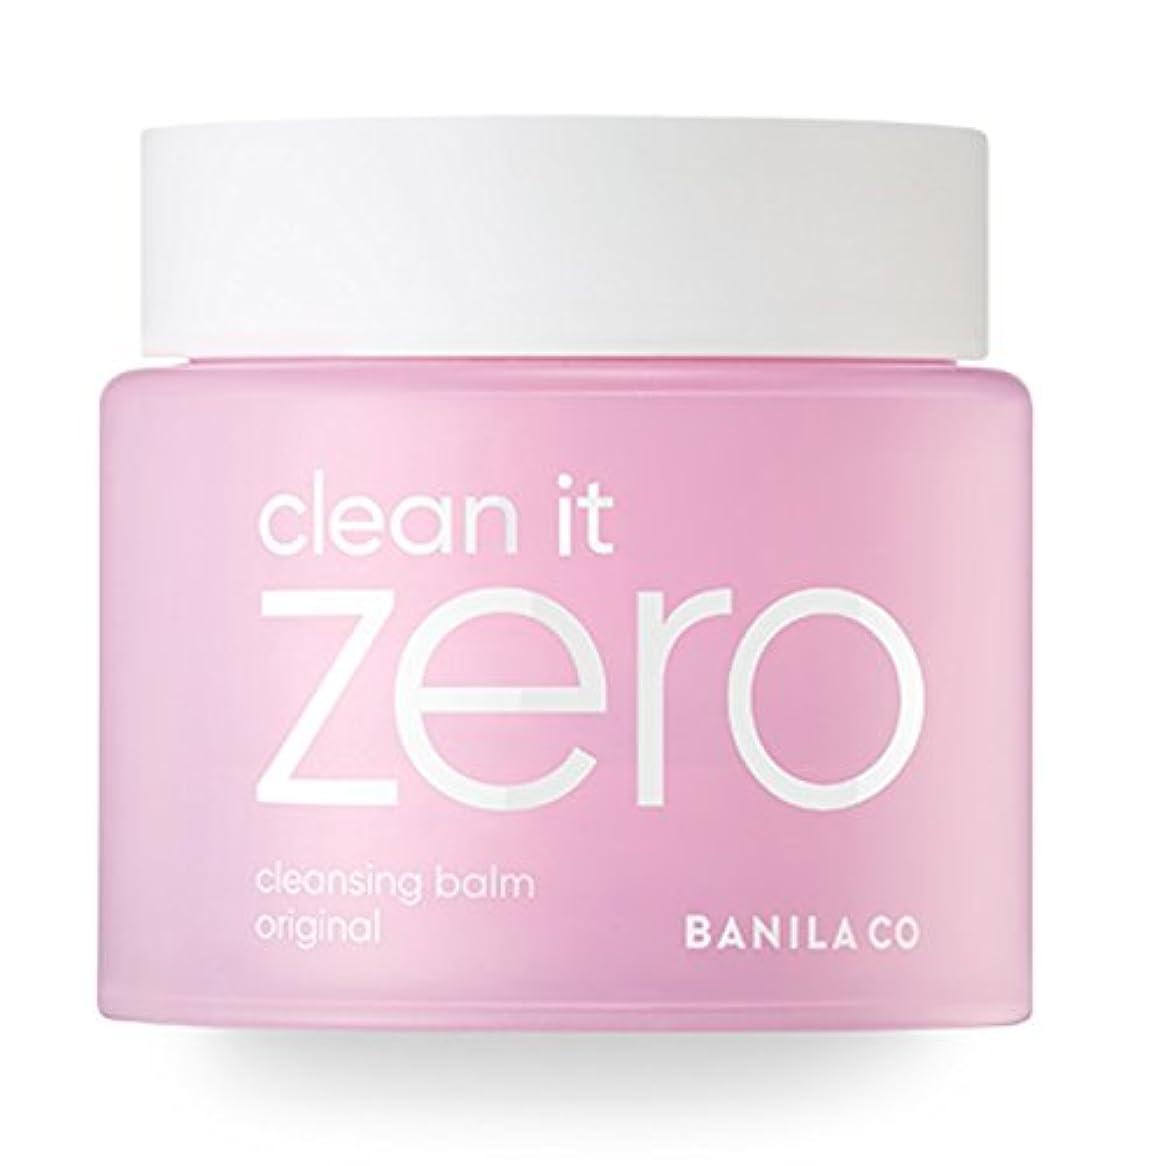 うんざりデジタル手がかり[banila co.] Clean It Zero 100ml (sherbet cleanser) (Clean It Zero Ultra Size 180ml (Original))